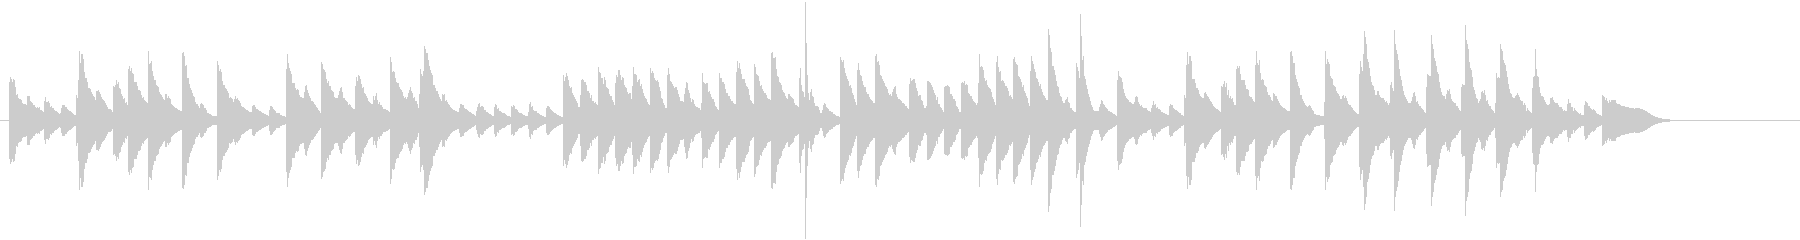 童謡・お正月モチーフのピアノジングルDの未再生の波形